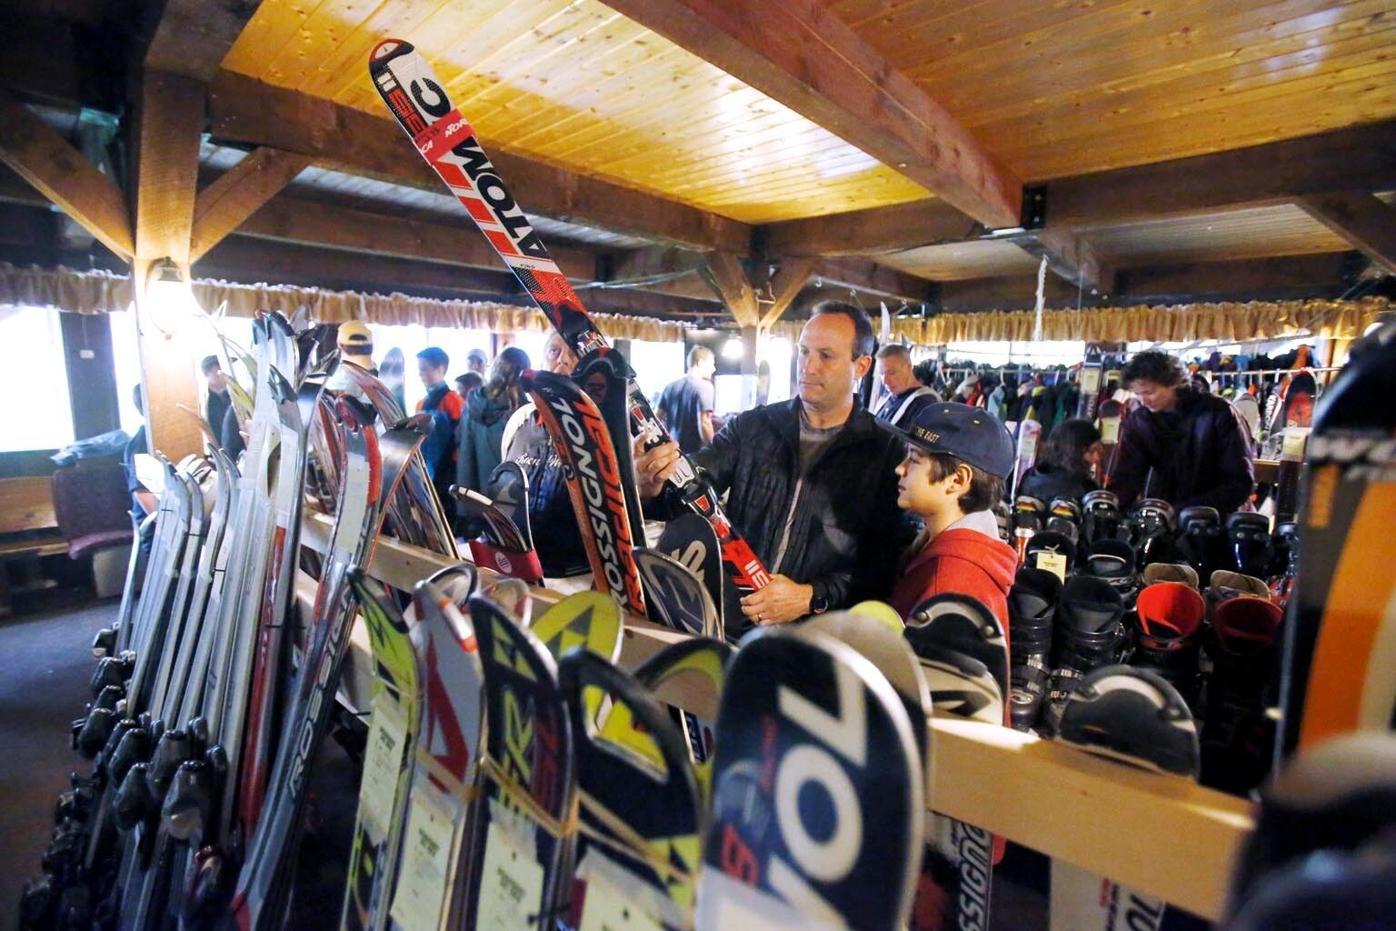 Bousquet's annual ski sale draws bargain-hunters (copy)